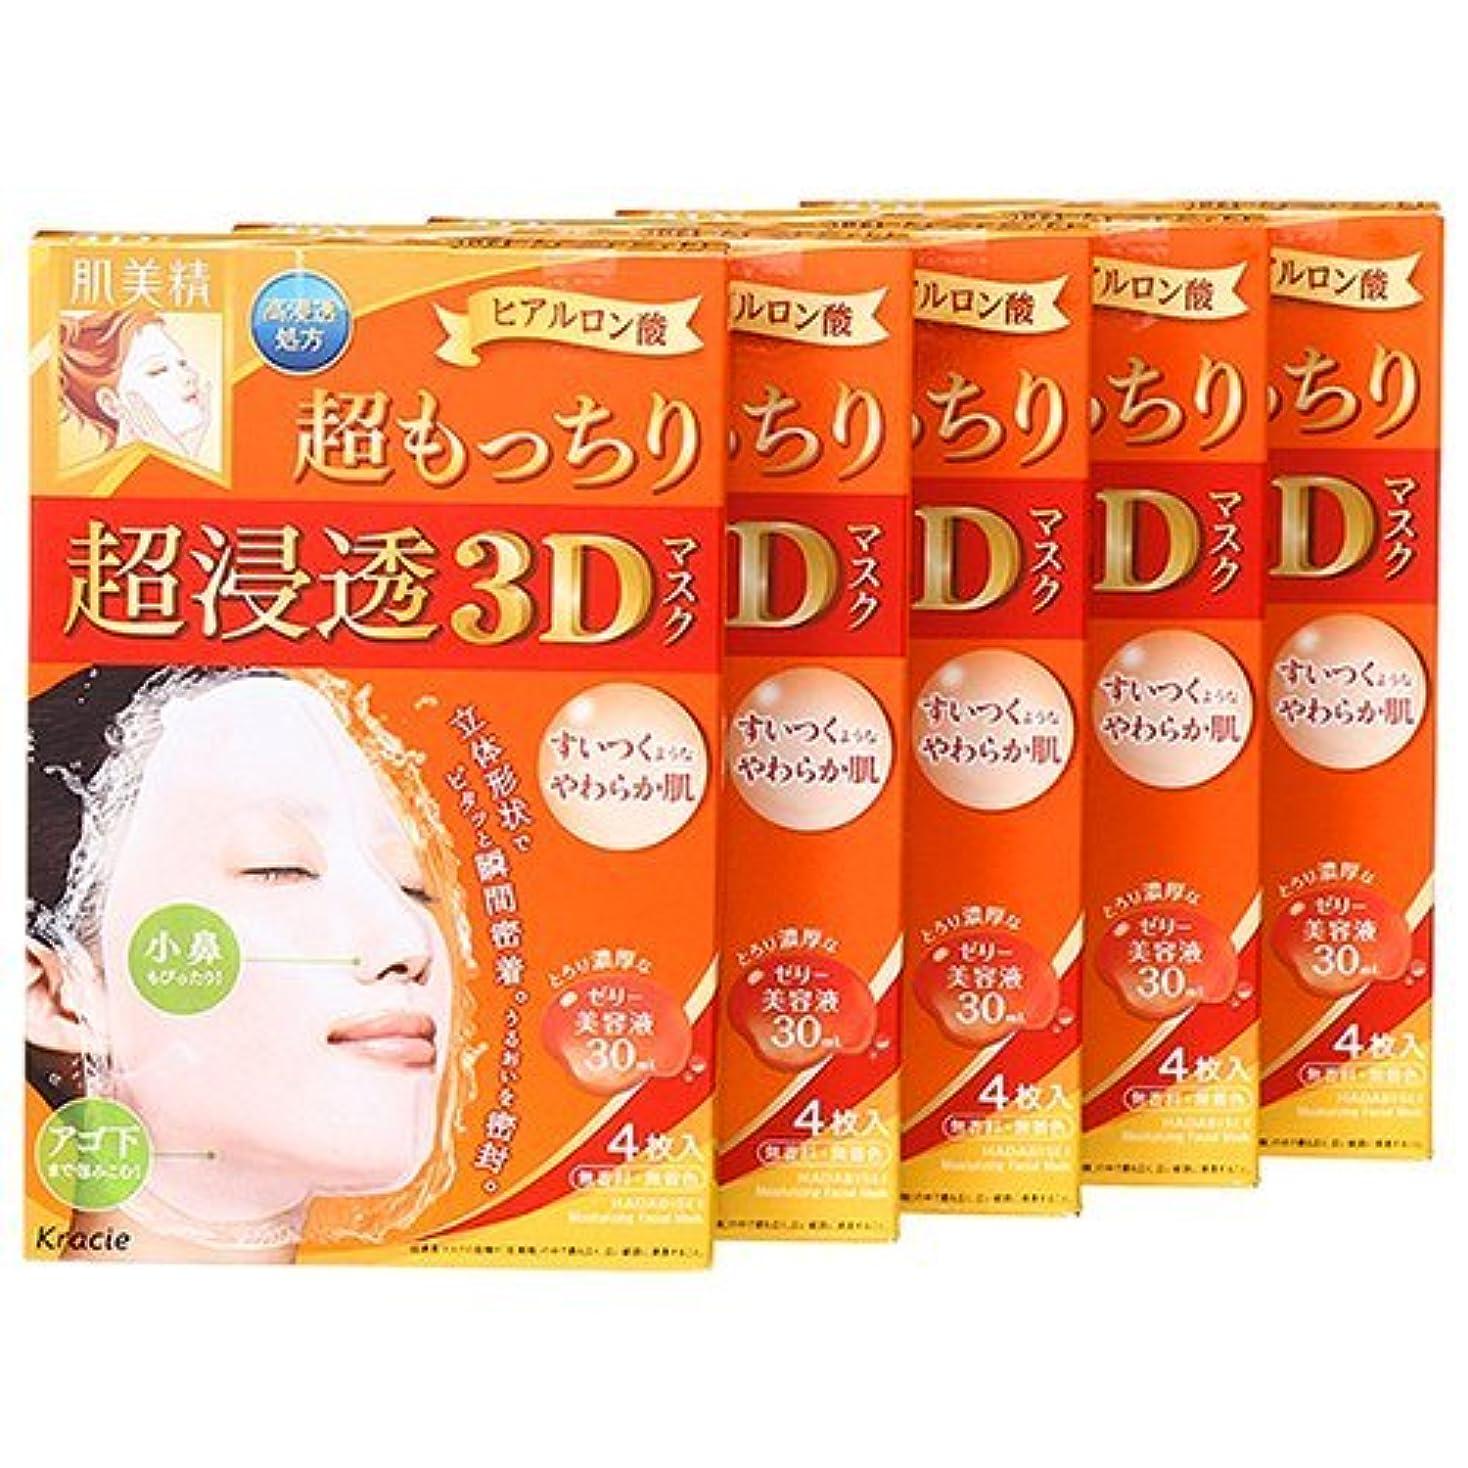 同化浪費ボットクラシエホームプロダクツ 肌美精 超浸透3Dマスク 超もっちり 4枚入 (美容液30mL/1枚) 5点セット [並行輸入品]